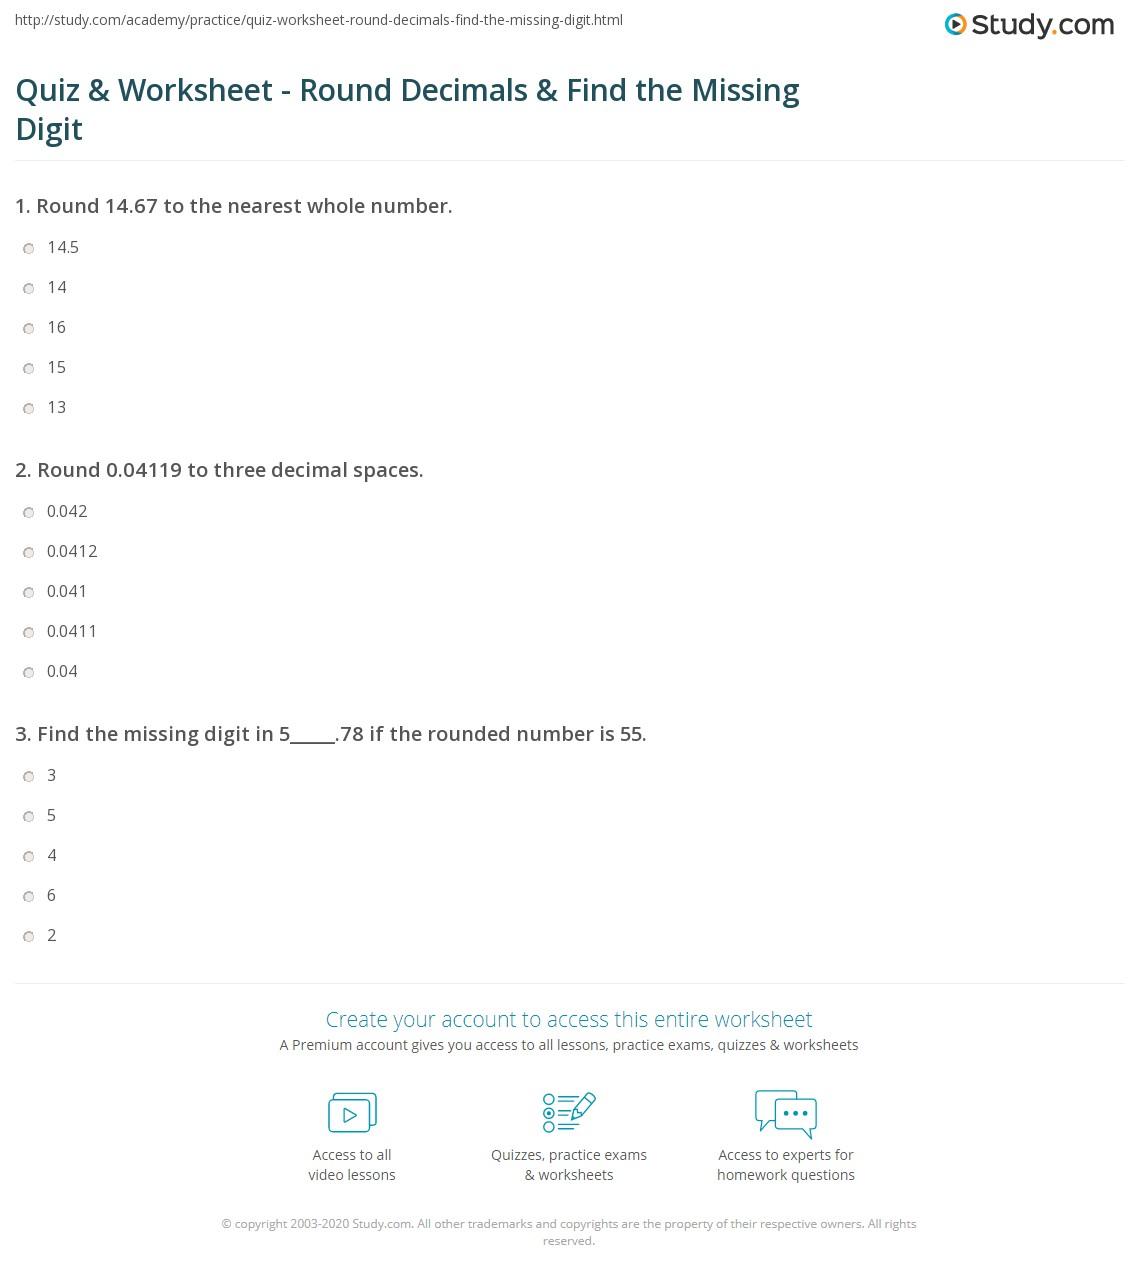 Quiz W Ksheet Round Decim Ls F D Miss G Digit Study